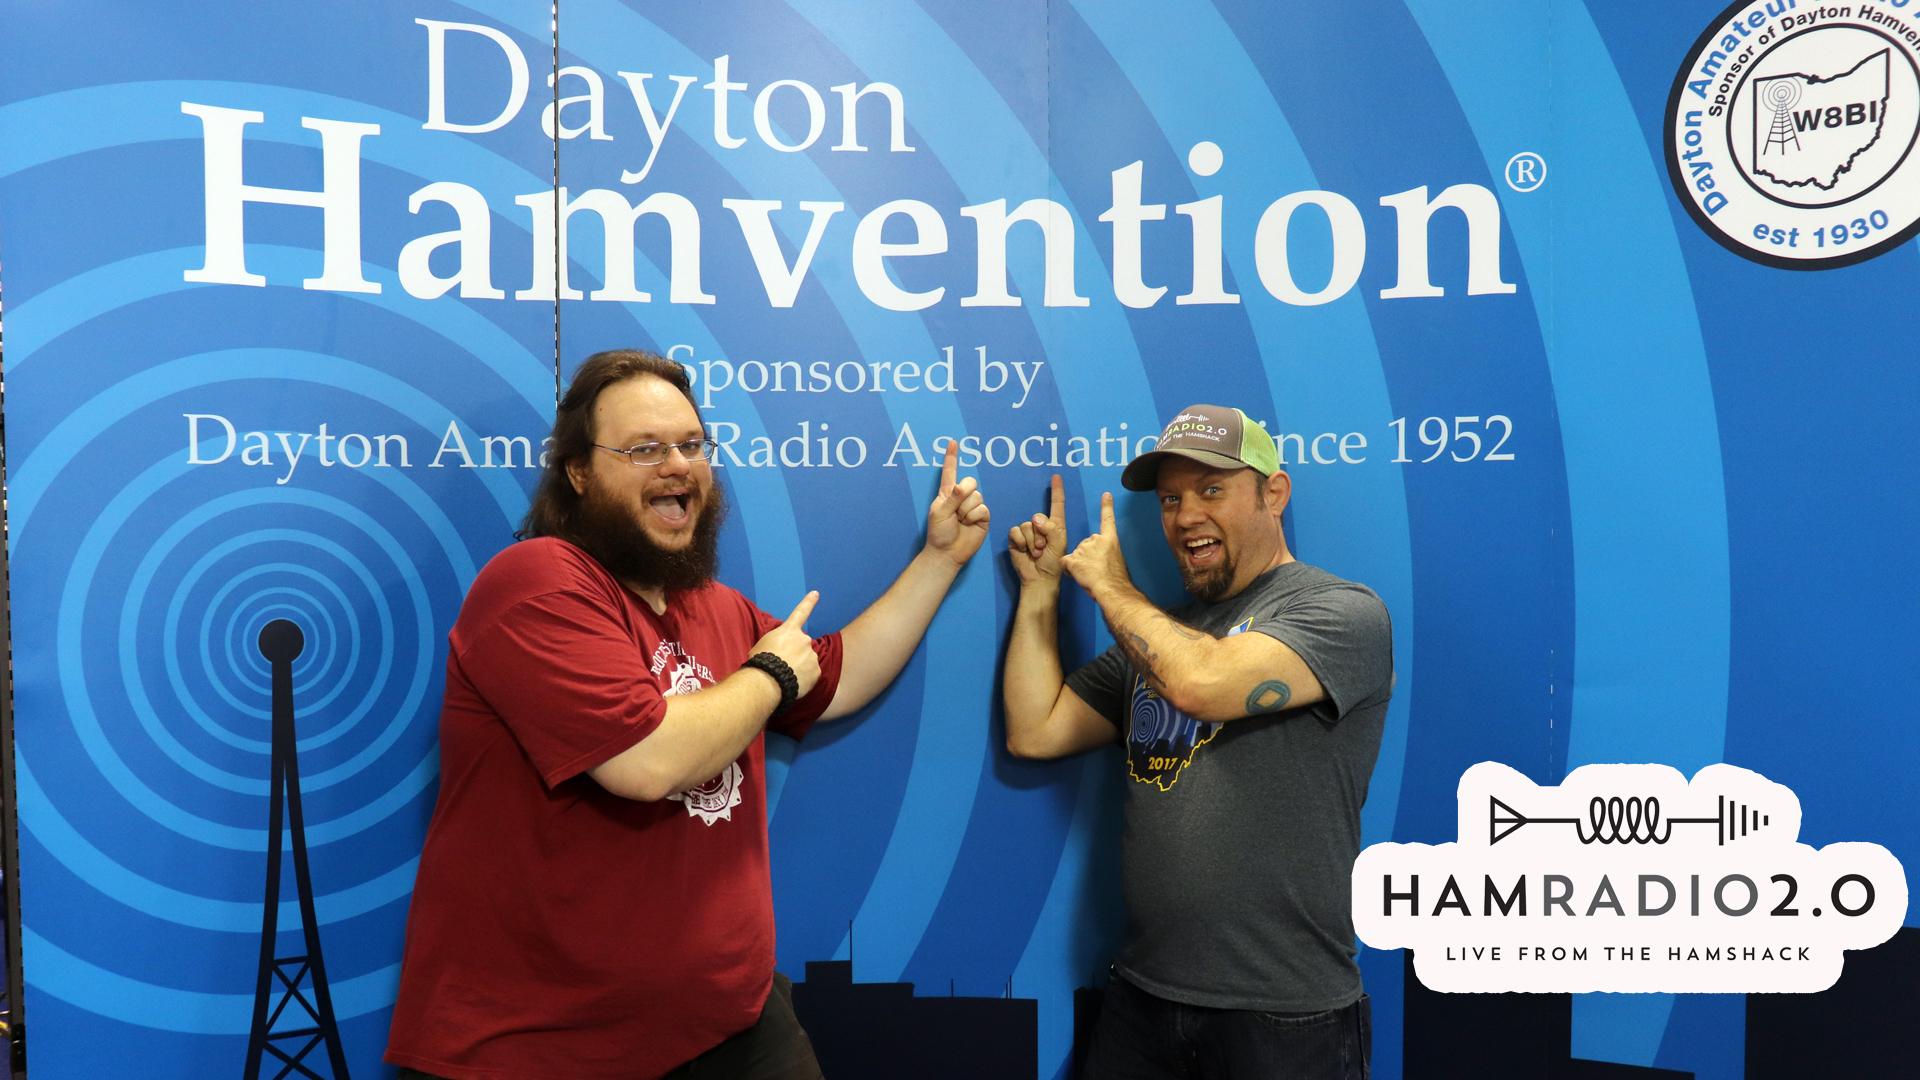 Episode 208: Dayton Hamvention 2019, Day 1